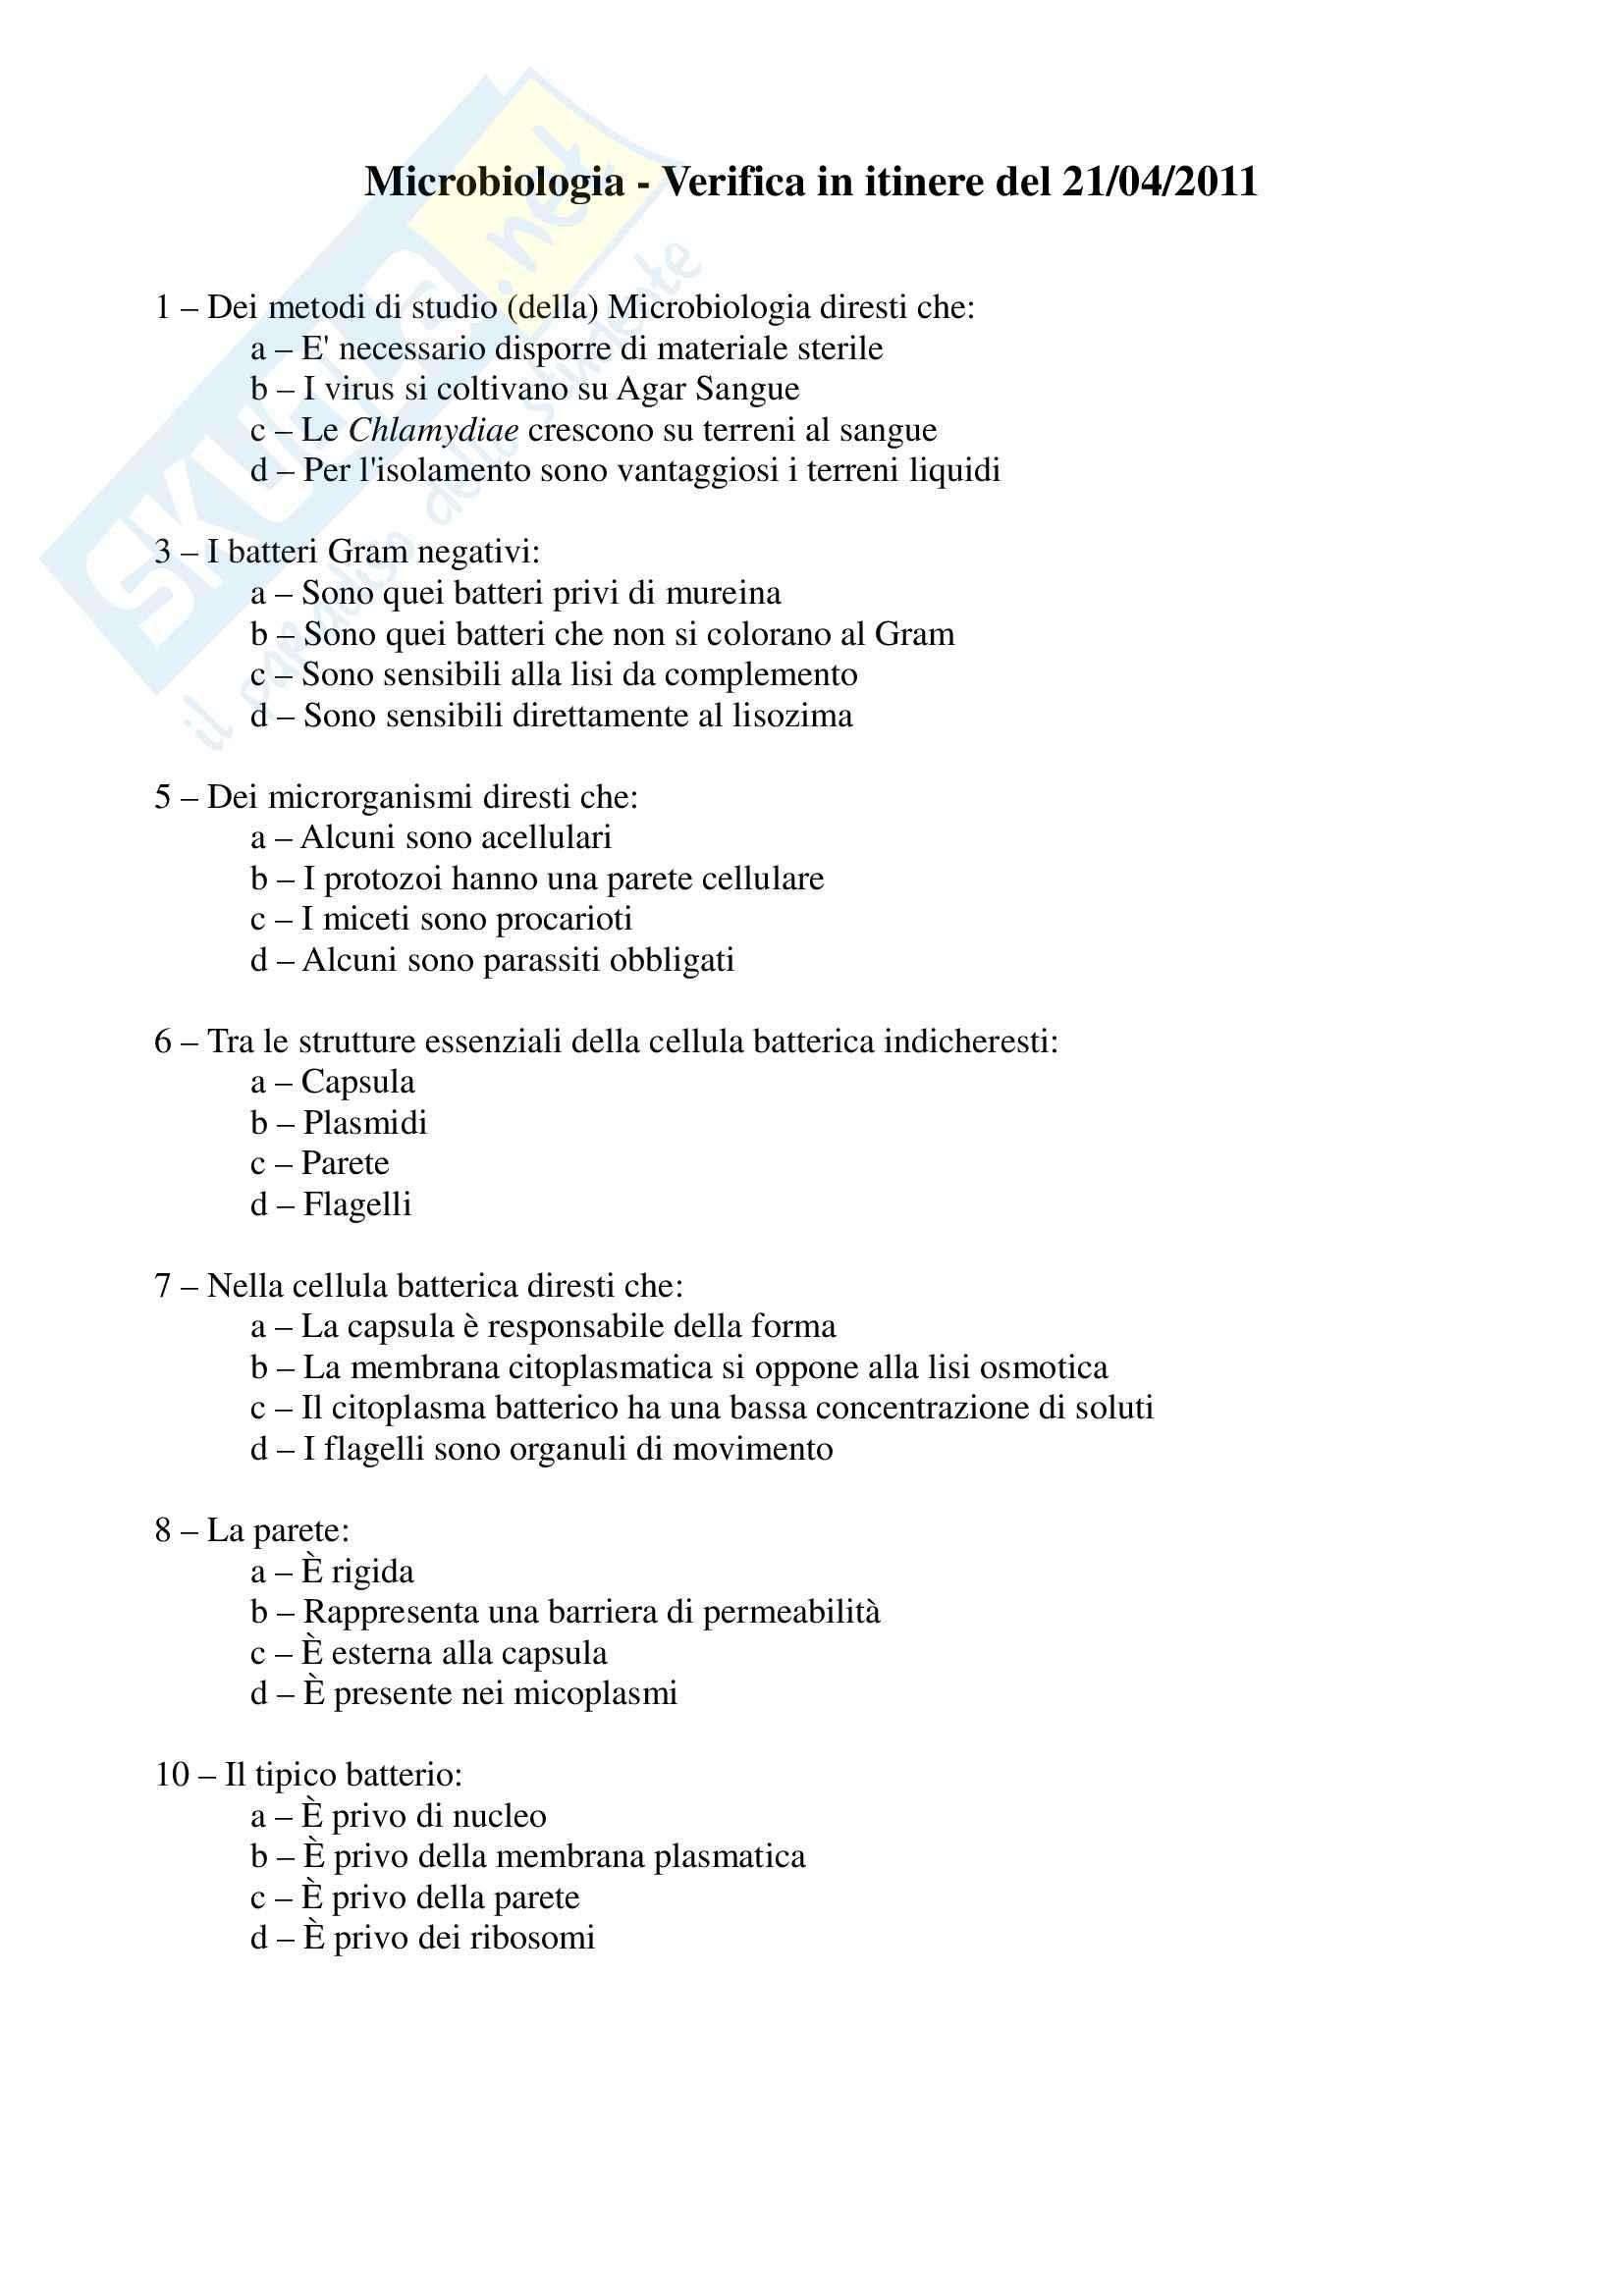 Microbiologia - Verifica in itinere